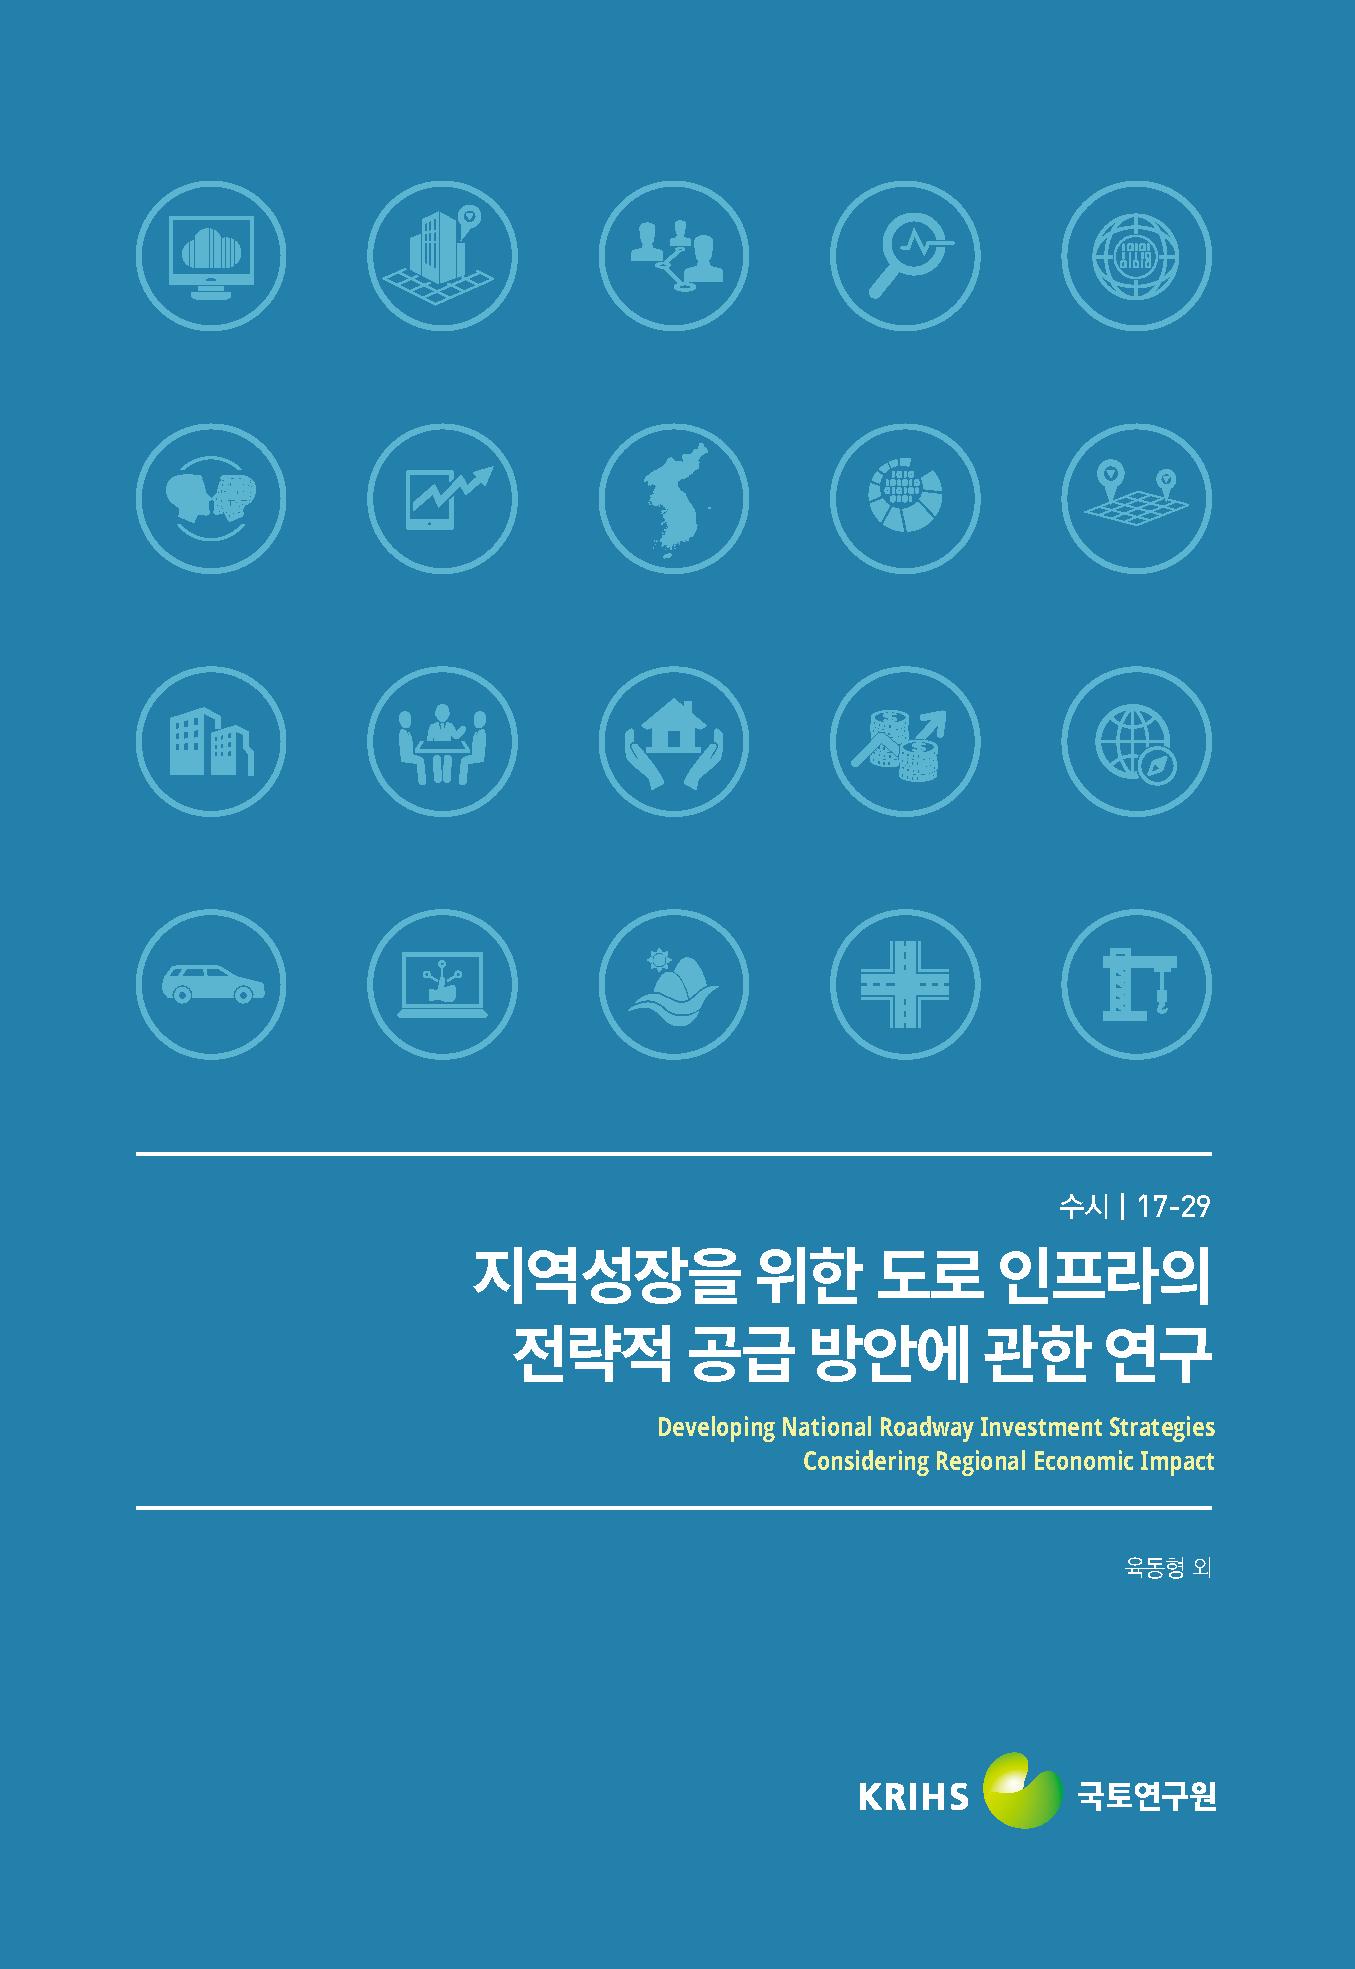 지역성장을 위한 도로 인프라의 전략적 공급 방안에 관한 연구표지